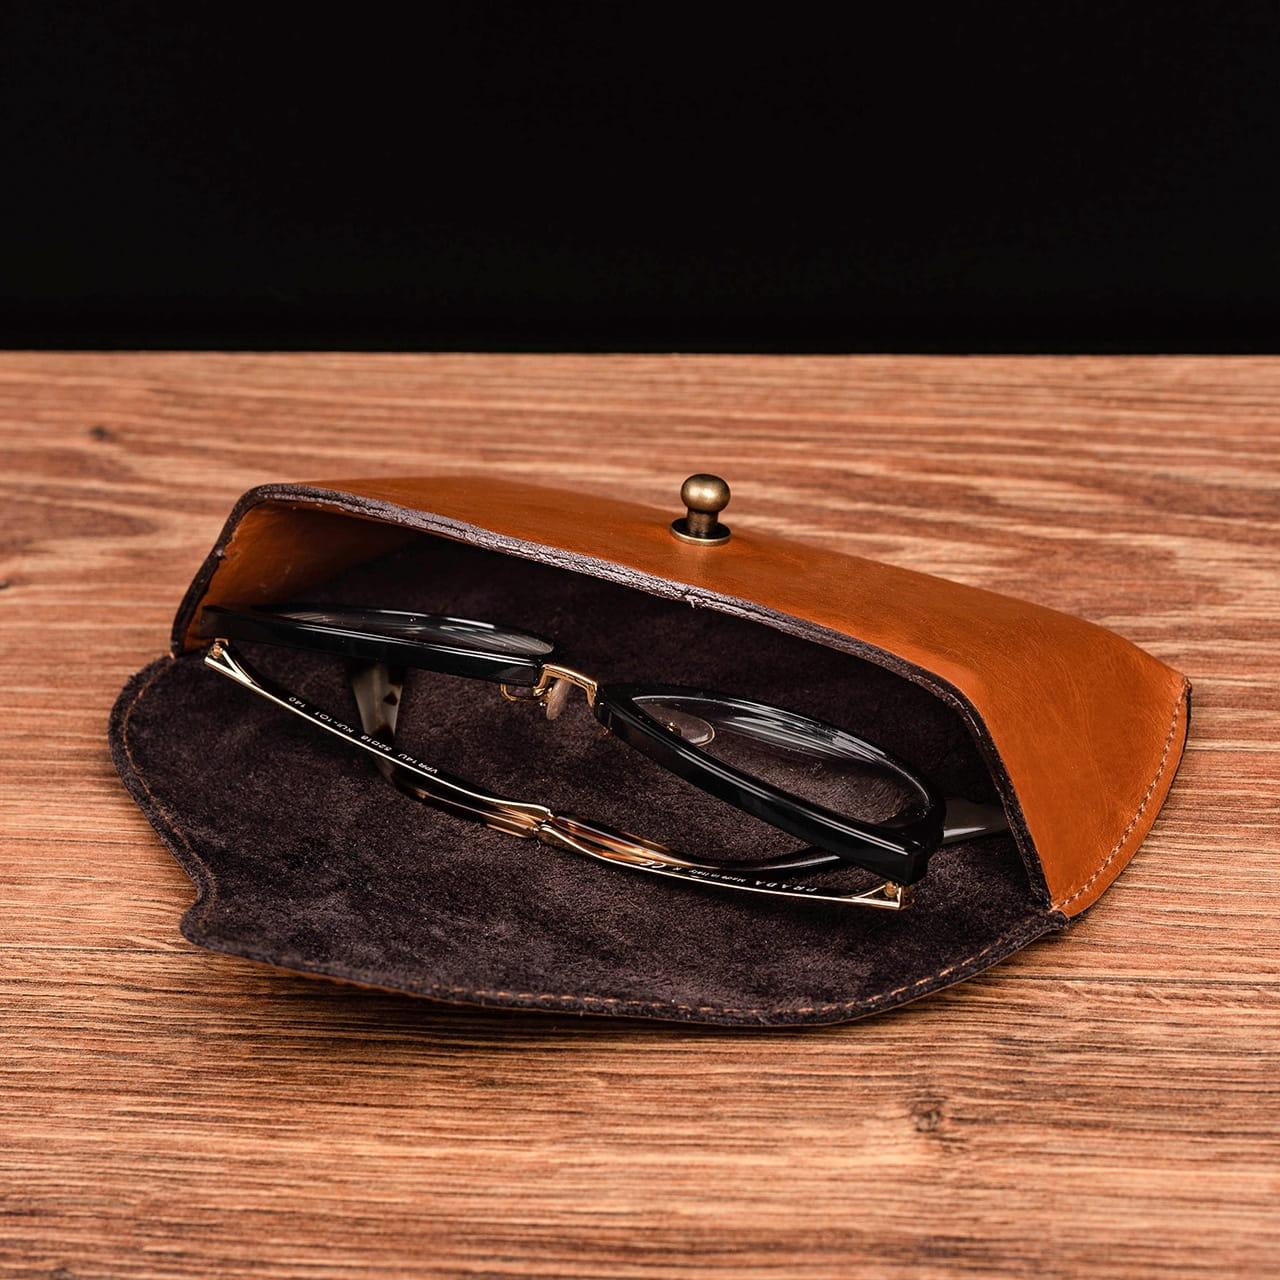 Etui na okulary to praktyczny prezent dla prawnika